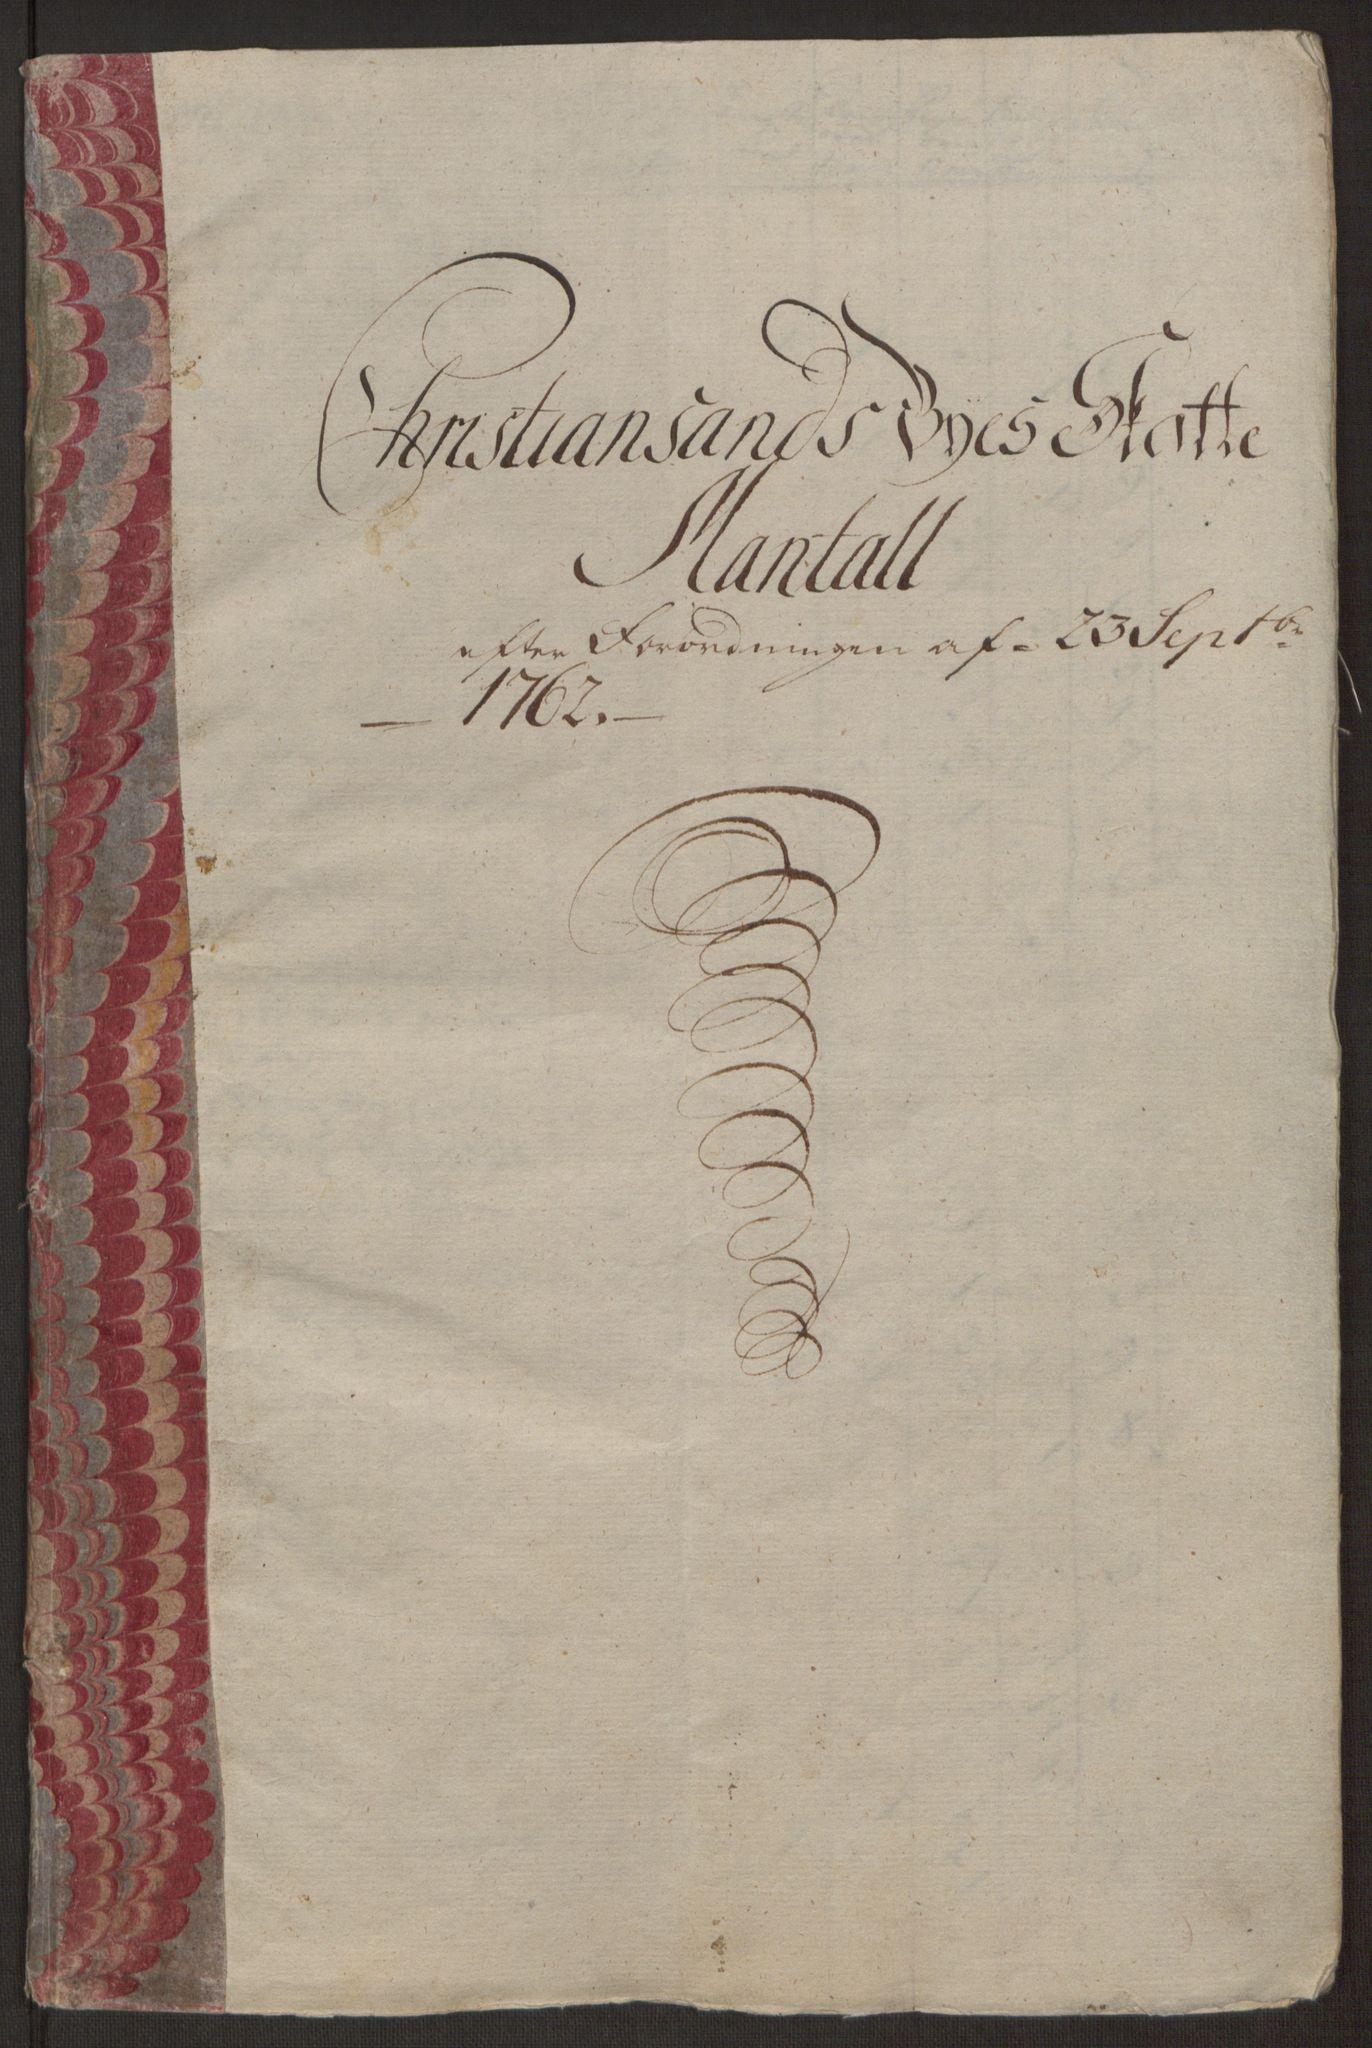 RA, Rentekammeret inntil 1814, Reviderte regnskaper, Byregnskaper, R/Rm/L0265: [M6] Kontribusjonsregnskap, 1762-1764, s. 28